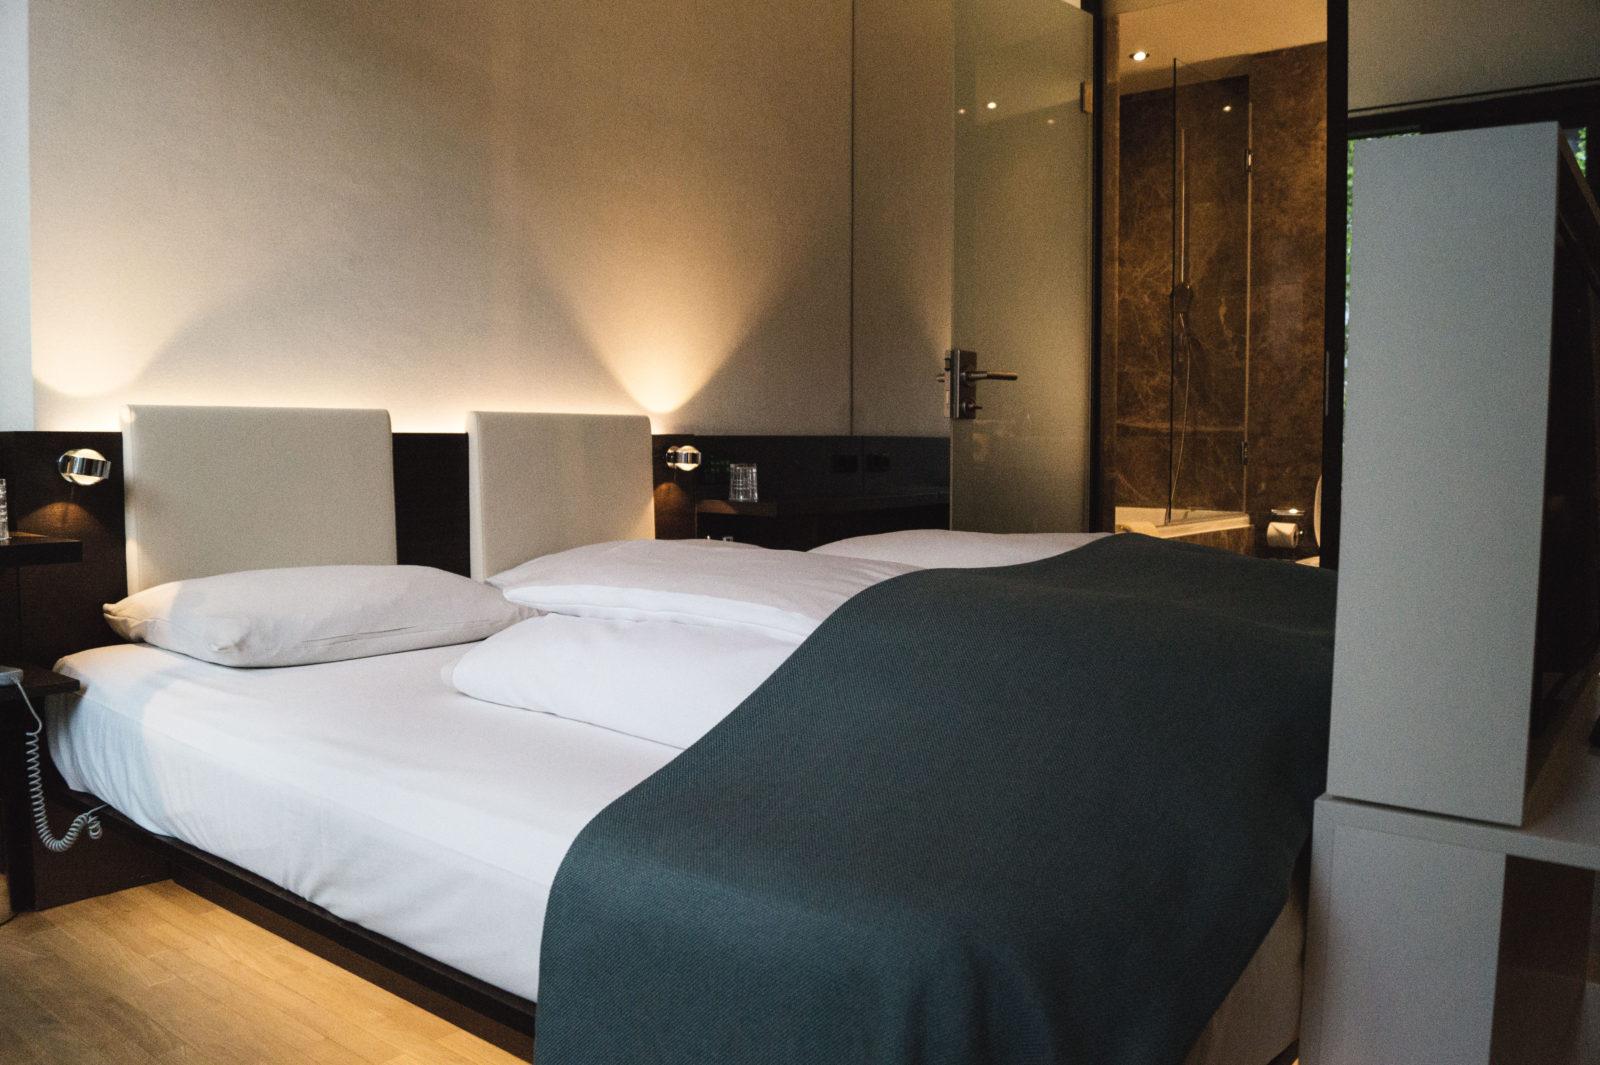 hotel review derag viktualienmarkt sariety erfahrungsbericht 06 sariety. Black Bedroom Furniture Sets. Home Design Ideas